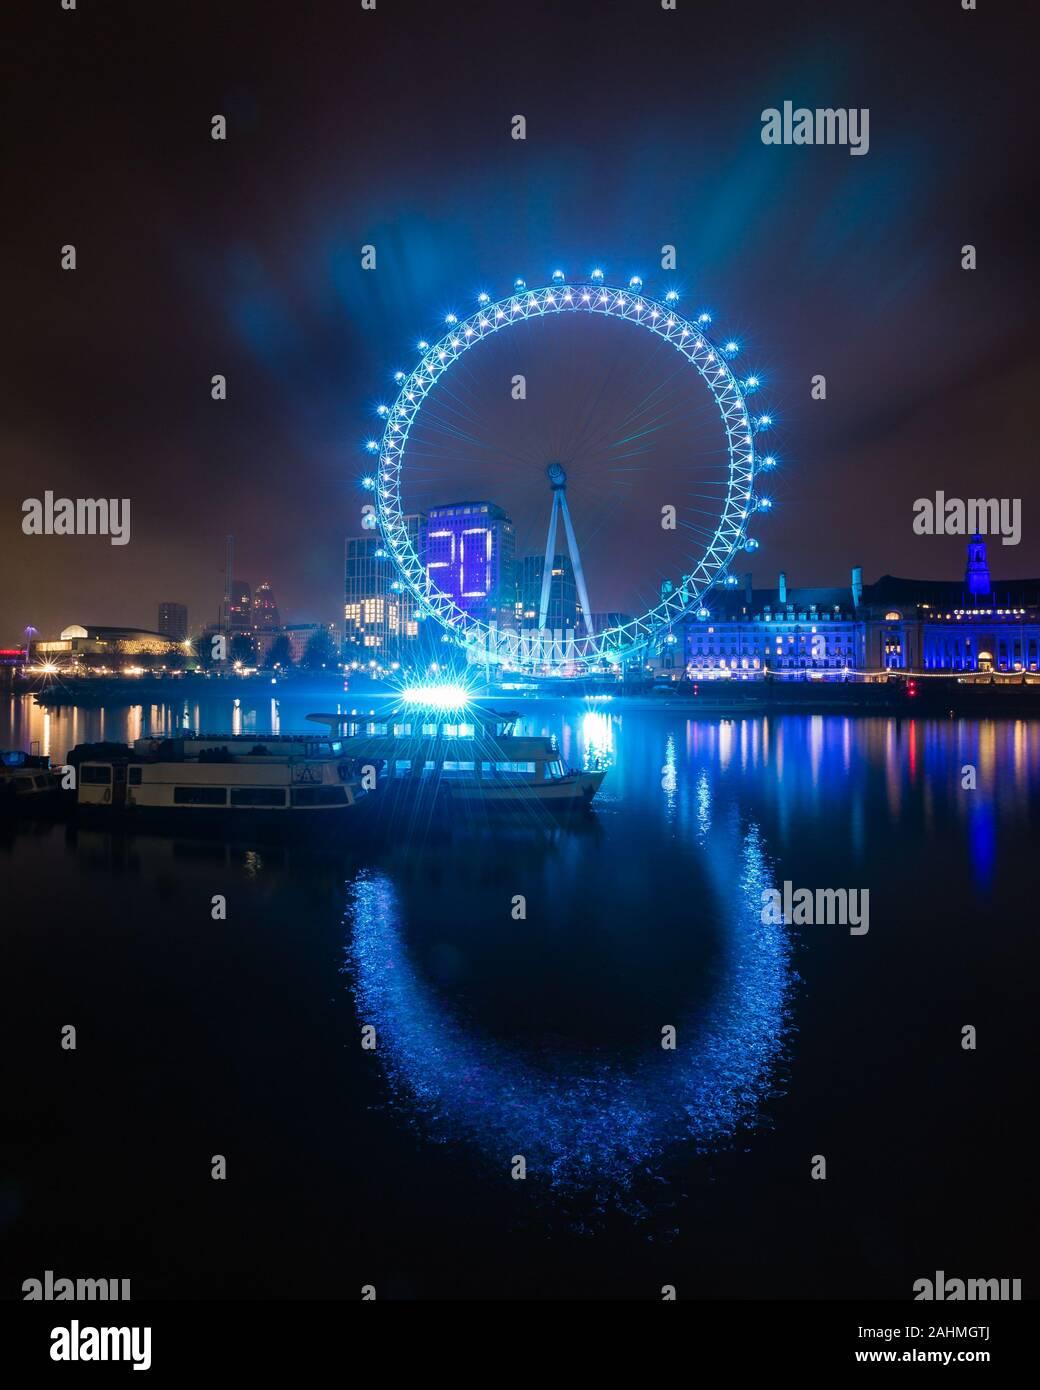 Teal London Eye 1. Le réveillon du Nouvel An à rebours jusqu'à 2020 à Londres Banque D'Images